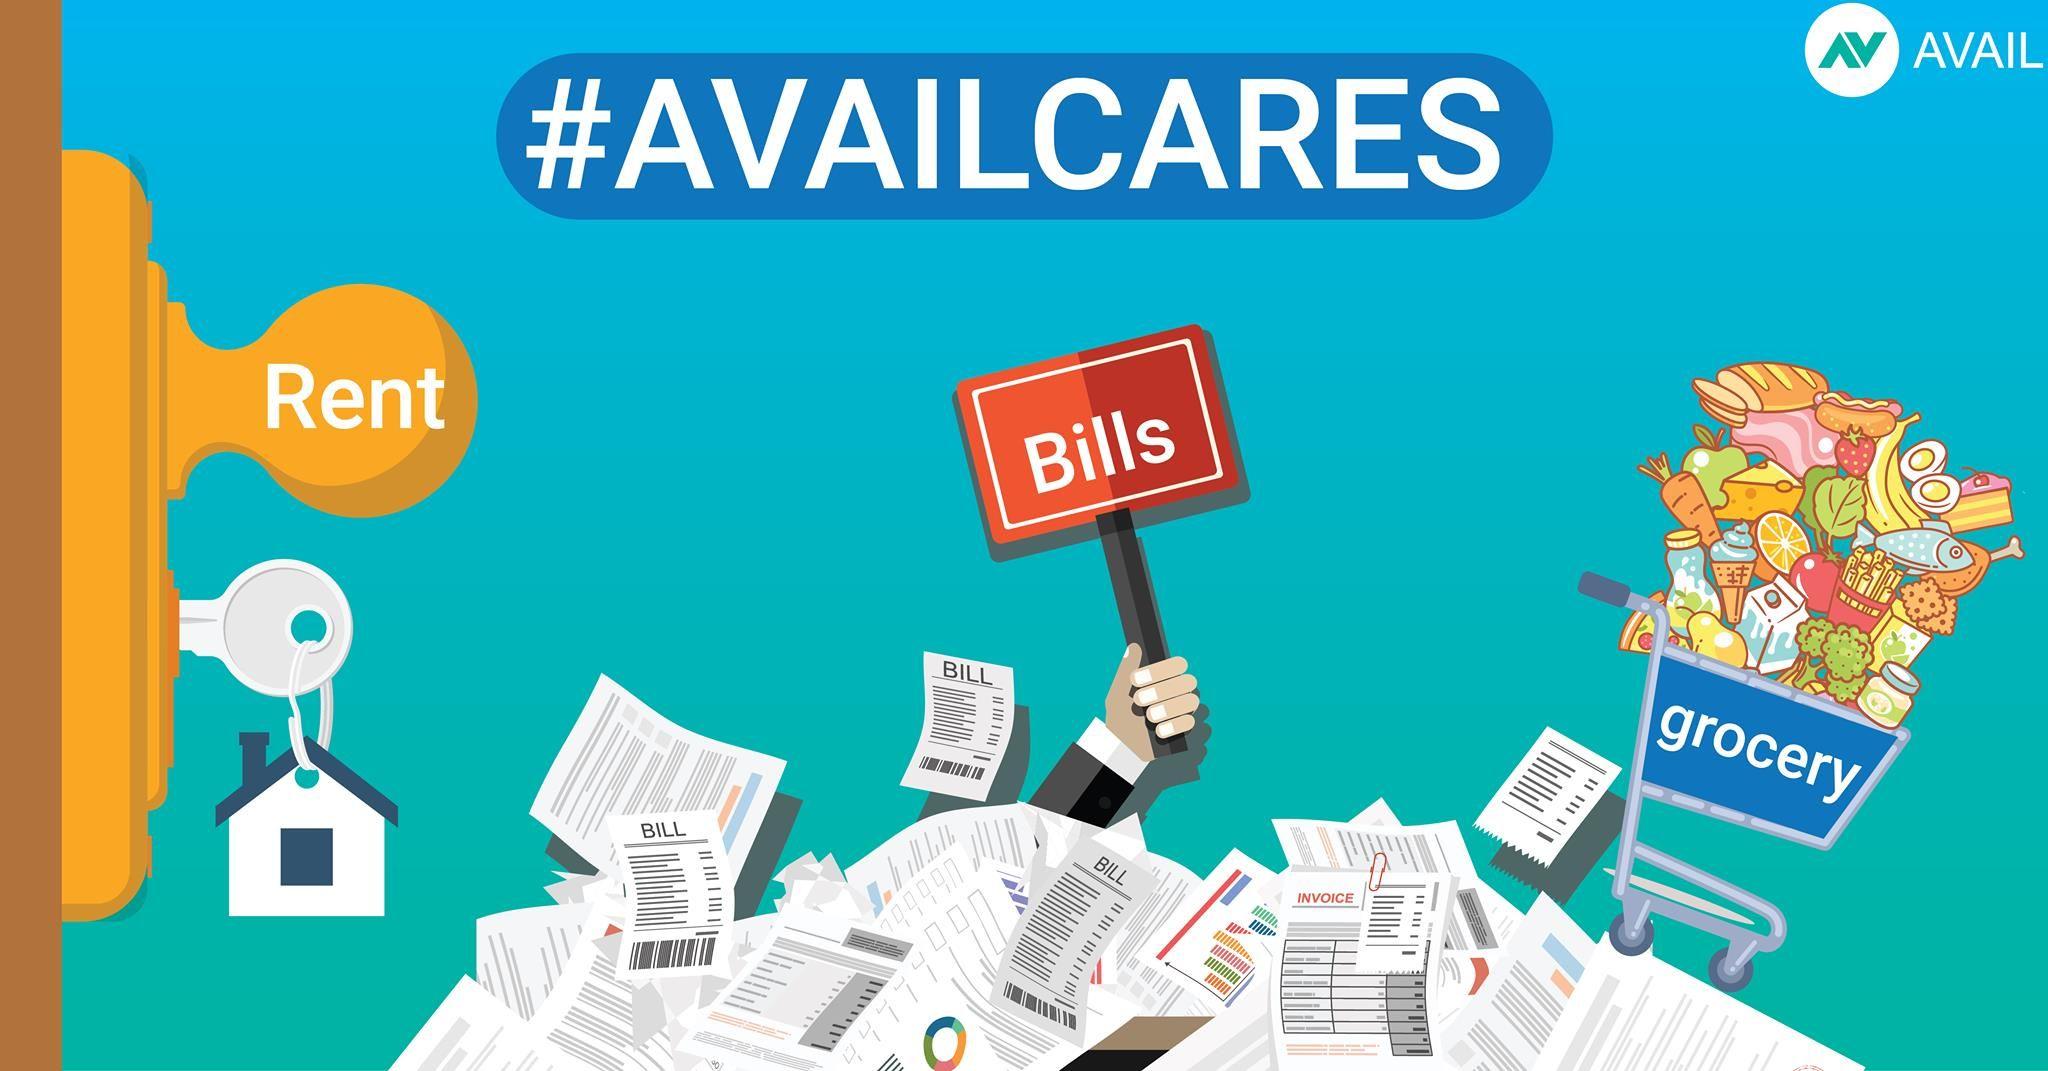 Avail cares prepaid debit cards instant cash visa